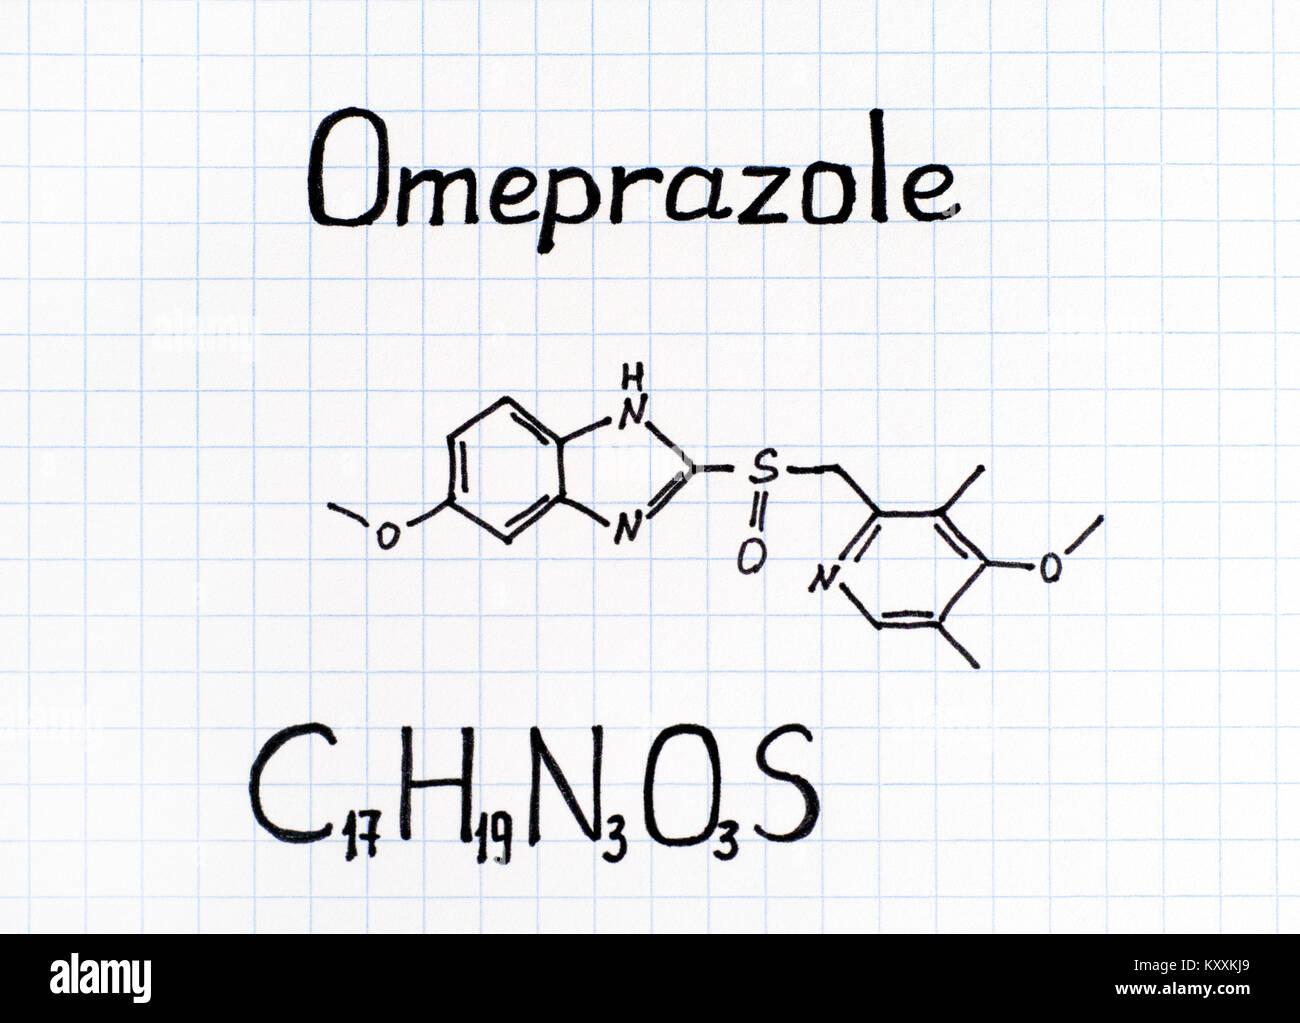 Chemical formula of Omeprazole. Close-up. - Stock Image